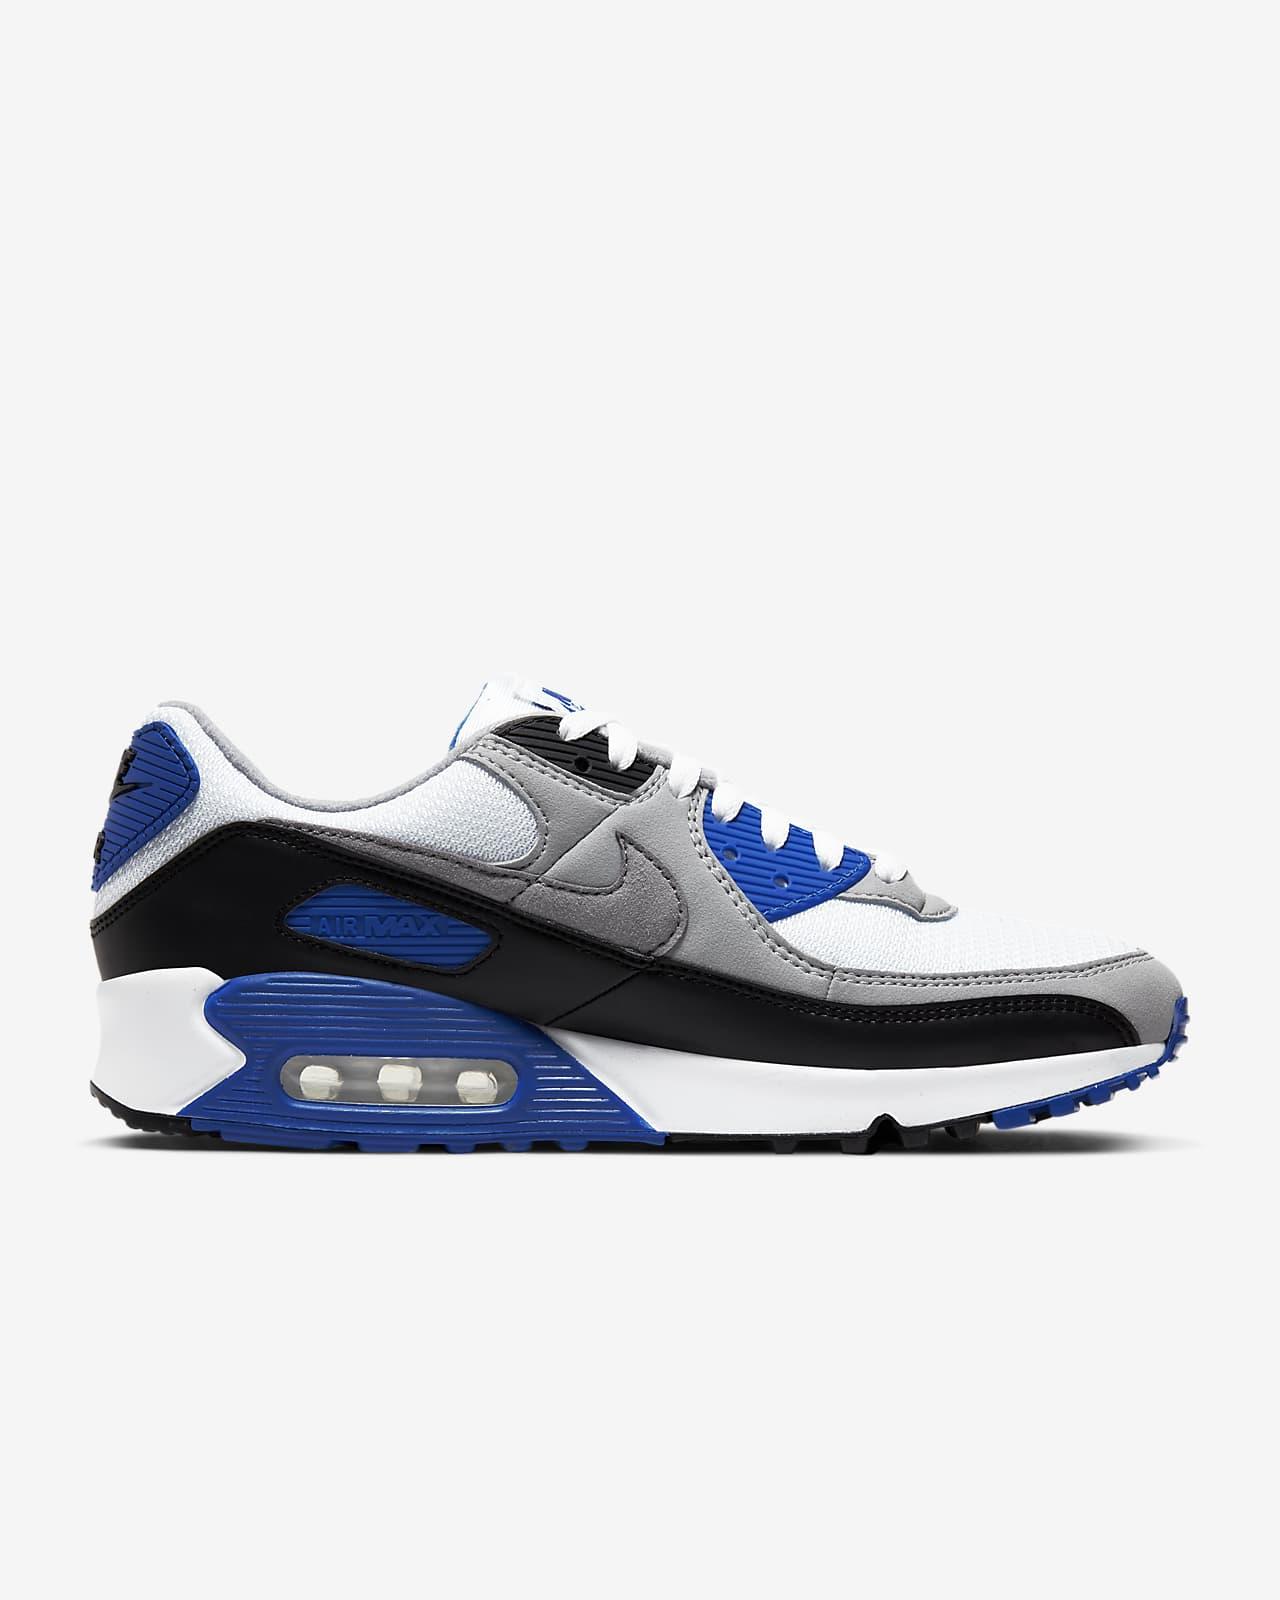 air max 90 on feet blue